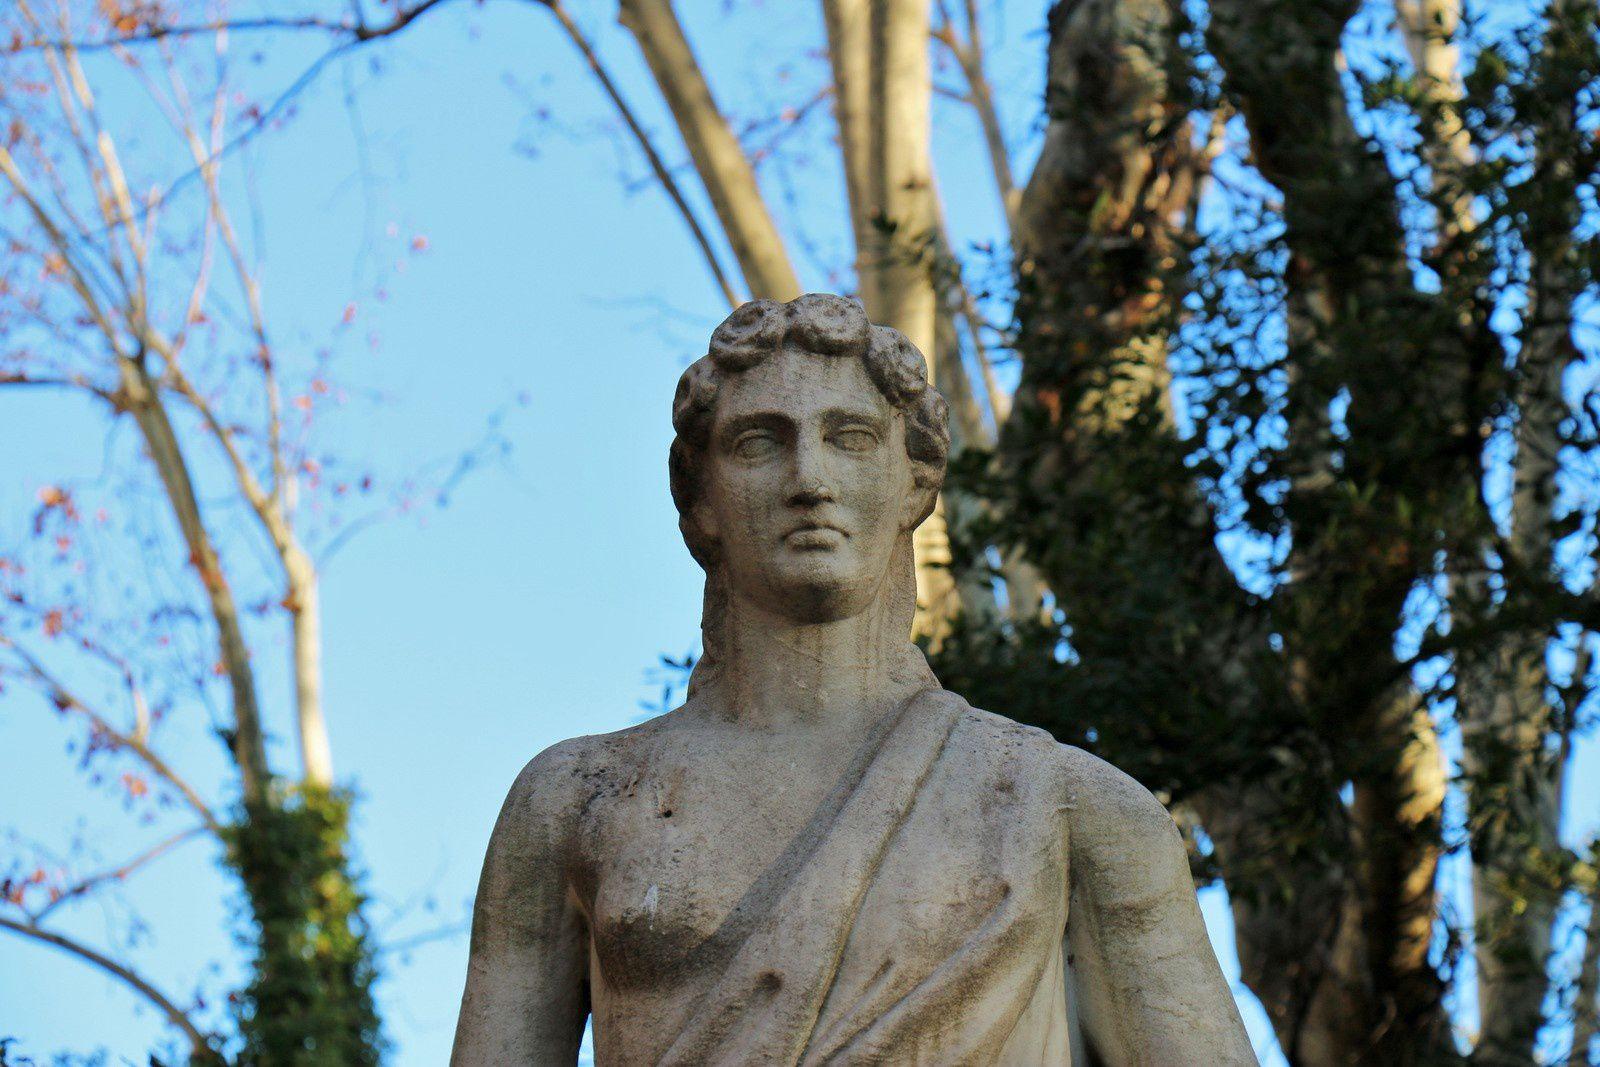 Monument à Cesare Battisti, La Spezia